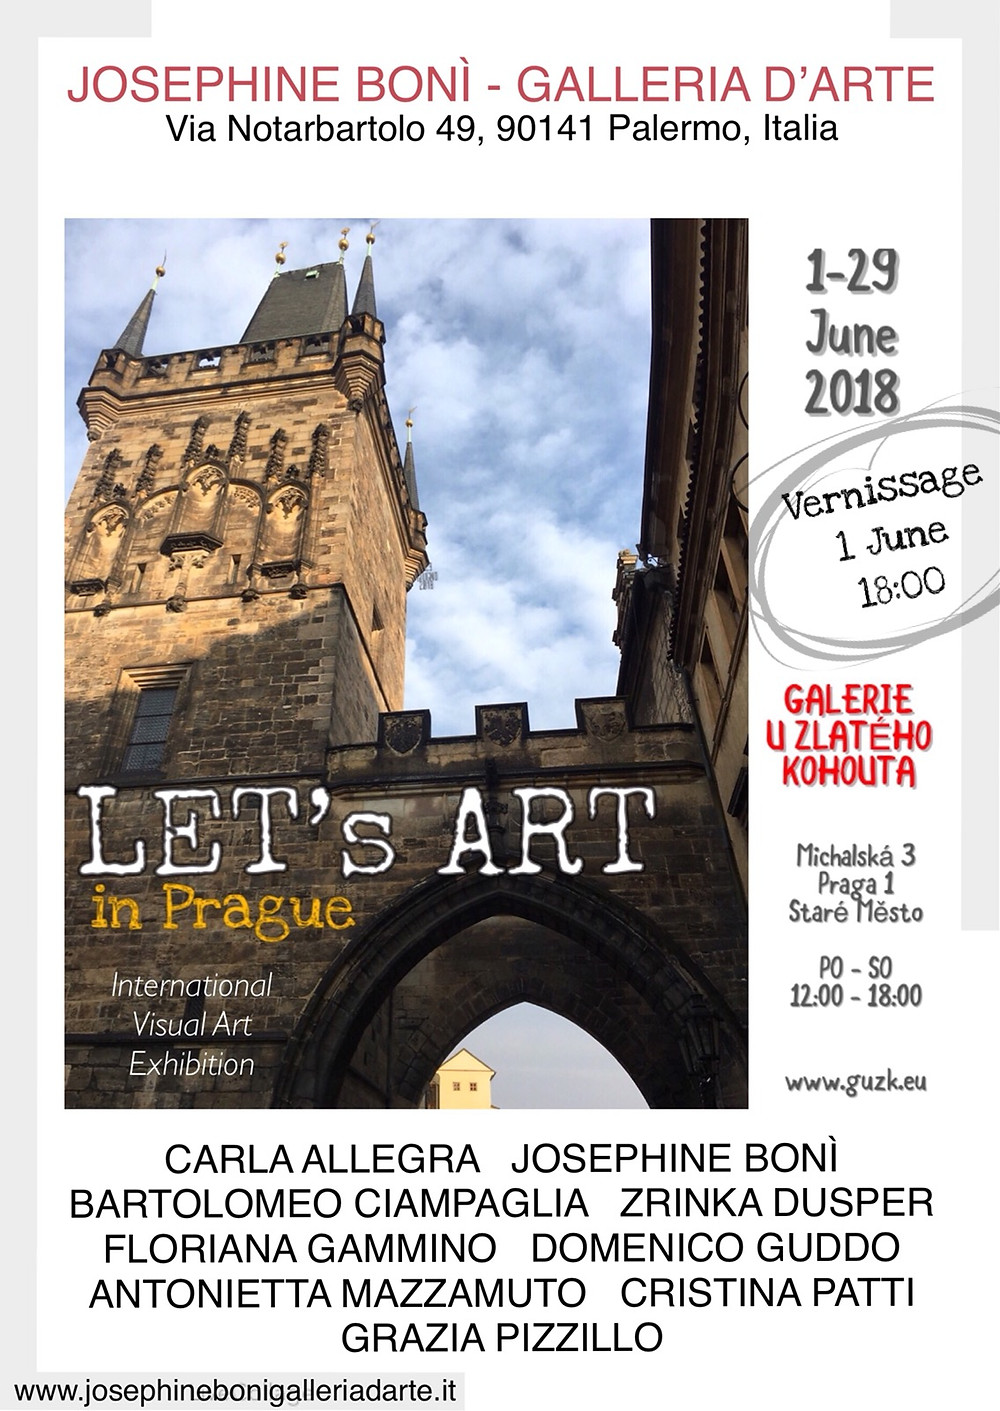 """Domenico Guddo espone i suoi lavori fotografici a Praga, presso la galleria d'arte """"Galerie u Zlateho kohouta"""" per la collettiva d'arte internazionale """"Let's Art in Prague"""".  Dal 31 Maggio al 29 Giugno 2018."""